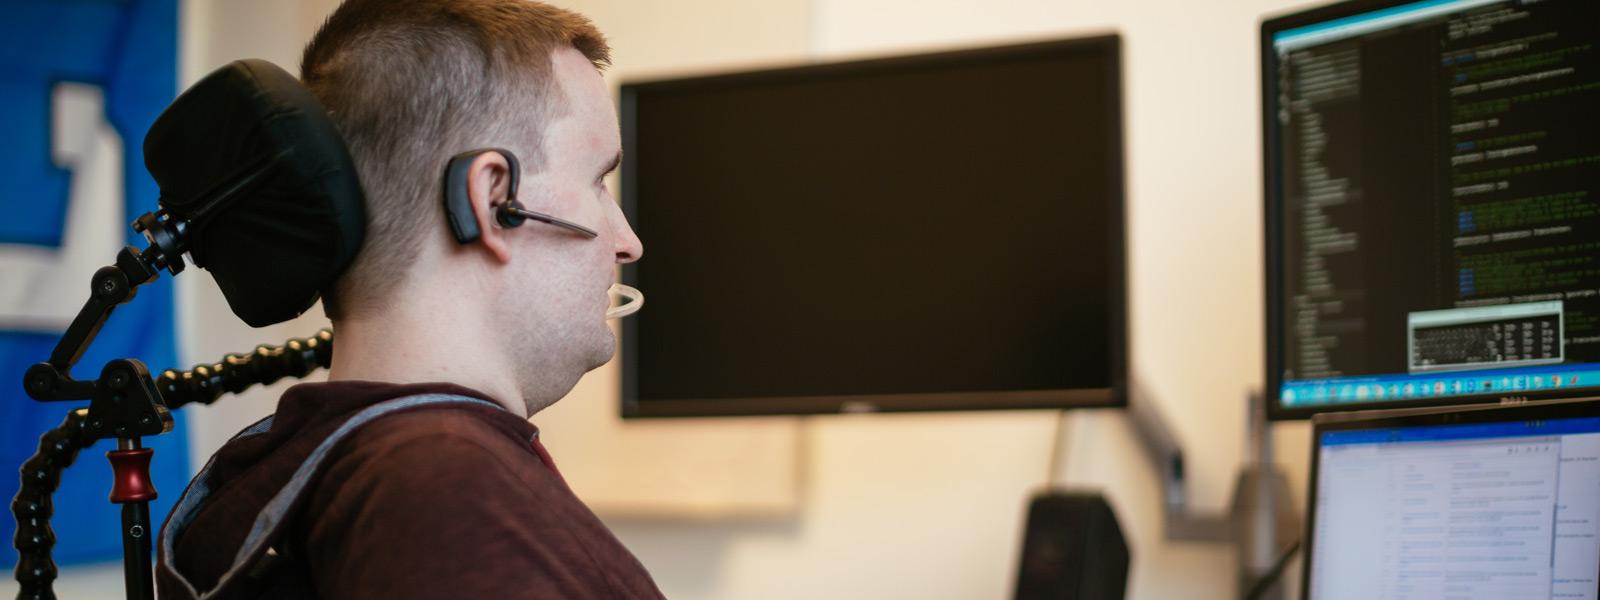 ผู้ชายที่โต๊ะกำลังใช้เทคโนโลยีฮาร์ดแวร์อำนวยความสะดวกเพื่อใช้งานคอมพิวเตอร์ Windows 10 ด้วยการควบคุมการมอง